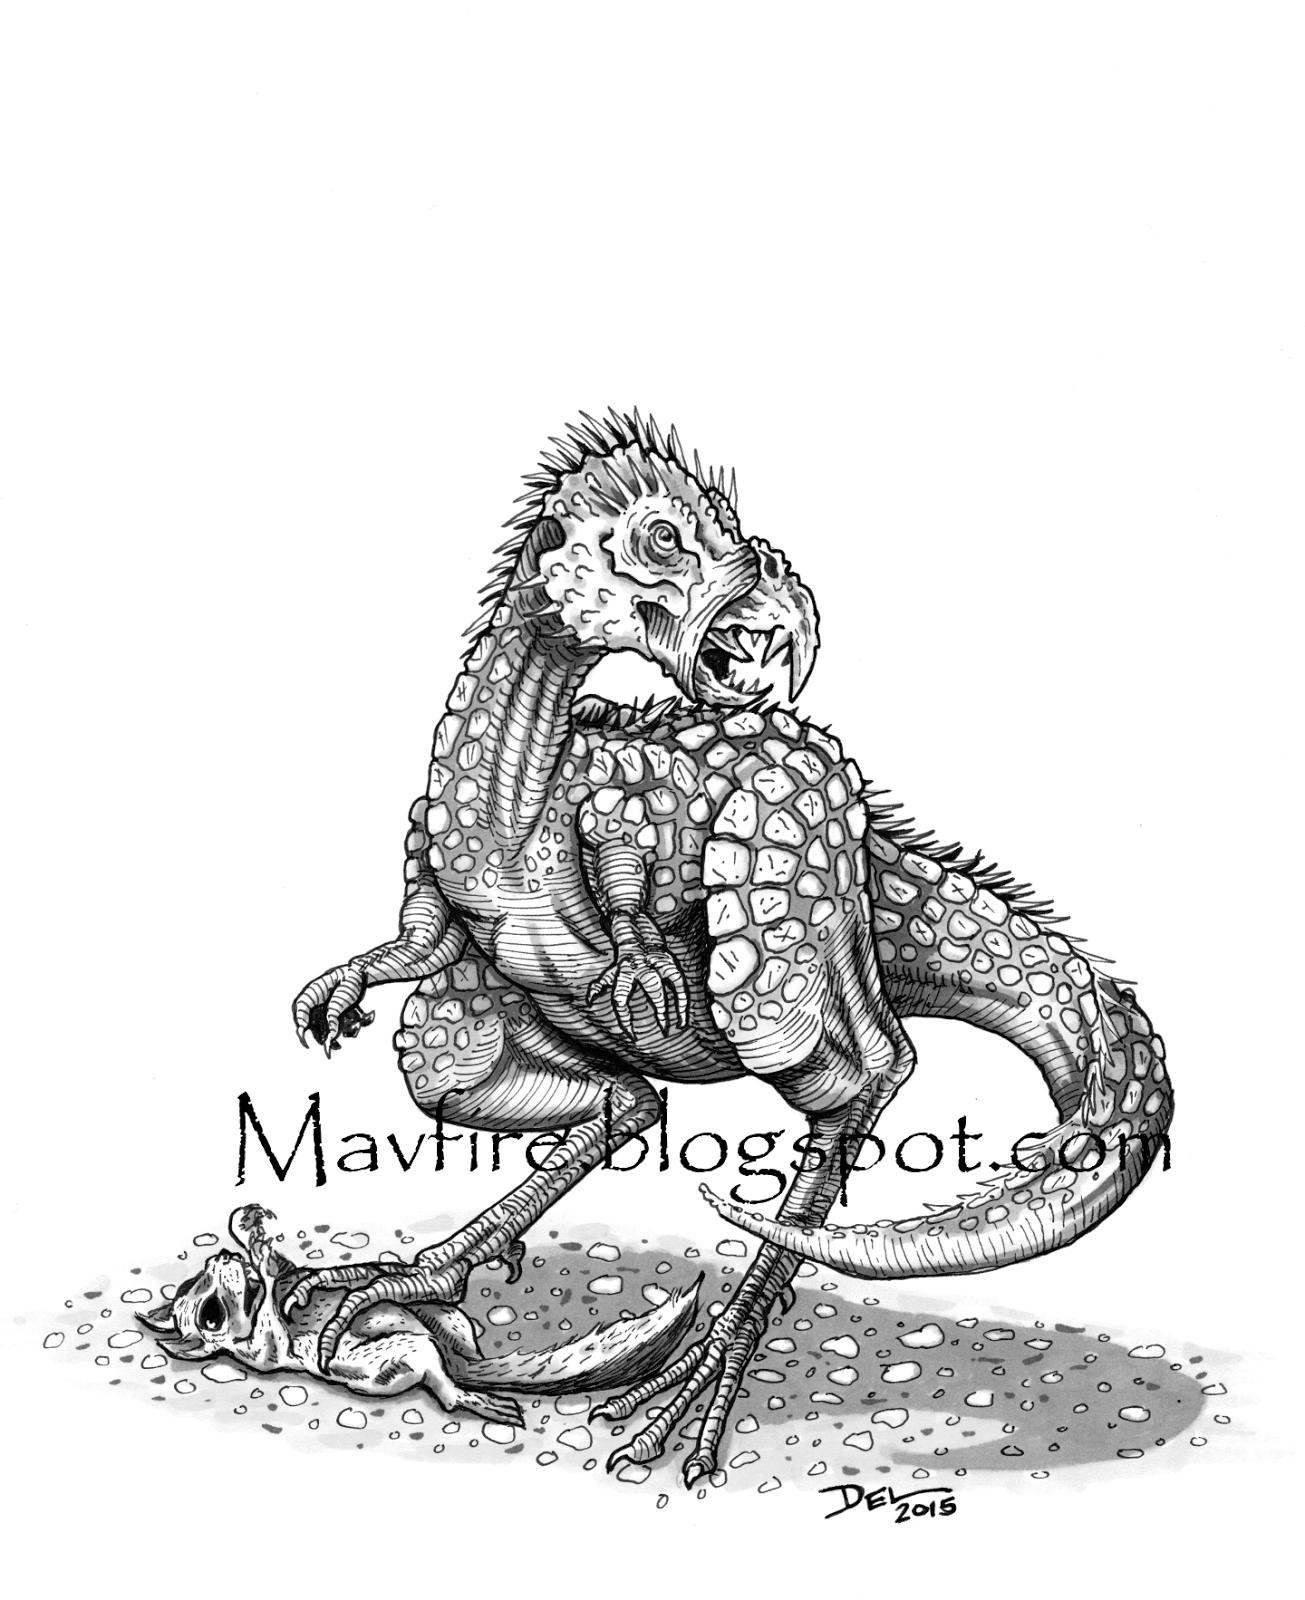 Pegomastax Dinosaur Drawing Del Teigeler